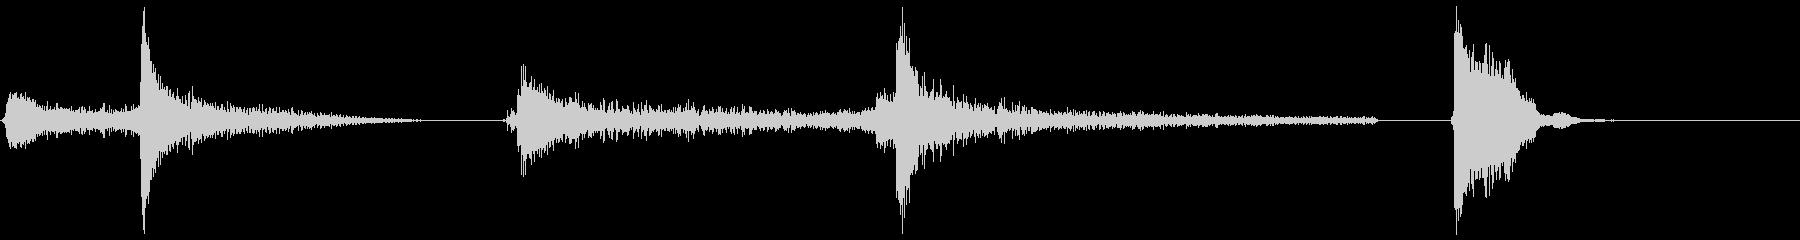 エアロックボルト機構X3の未再生の波形